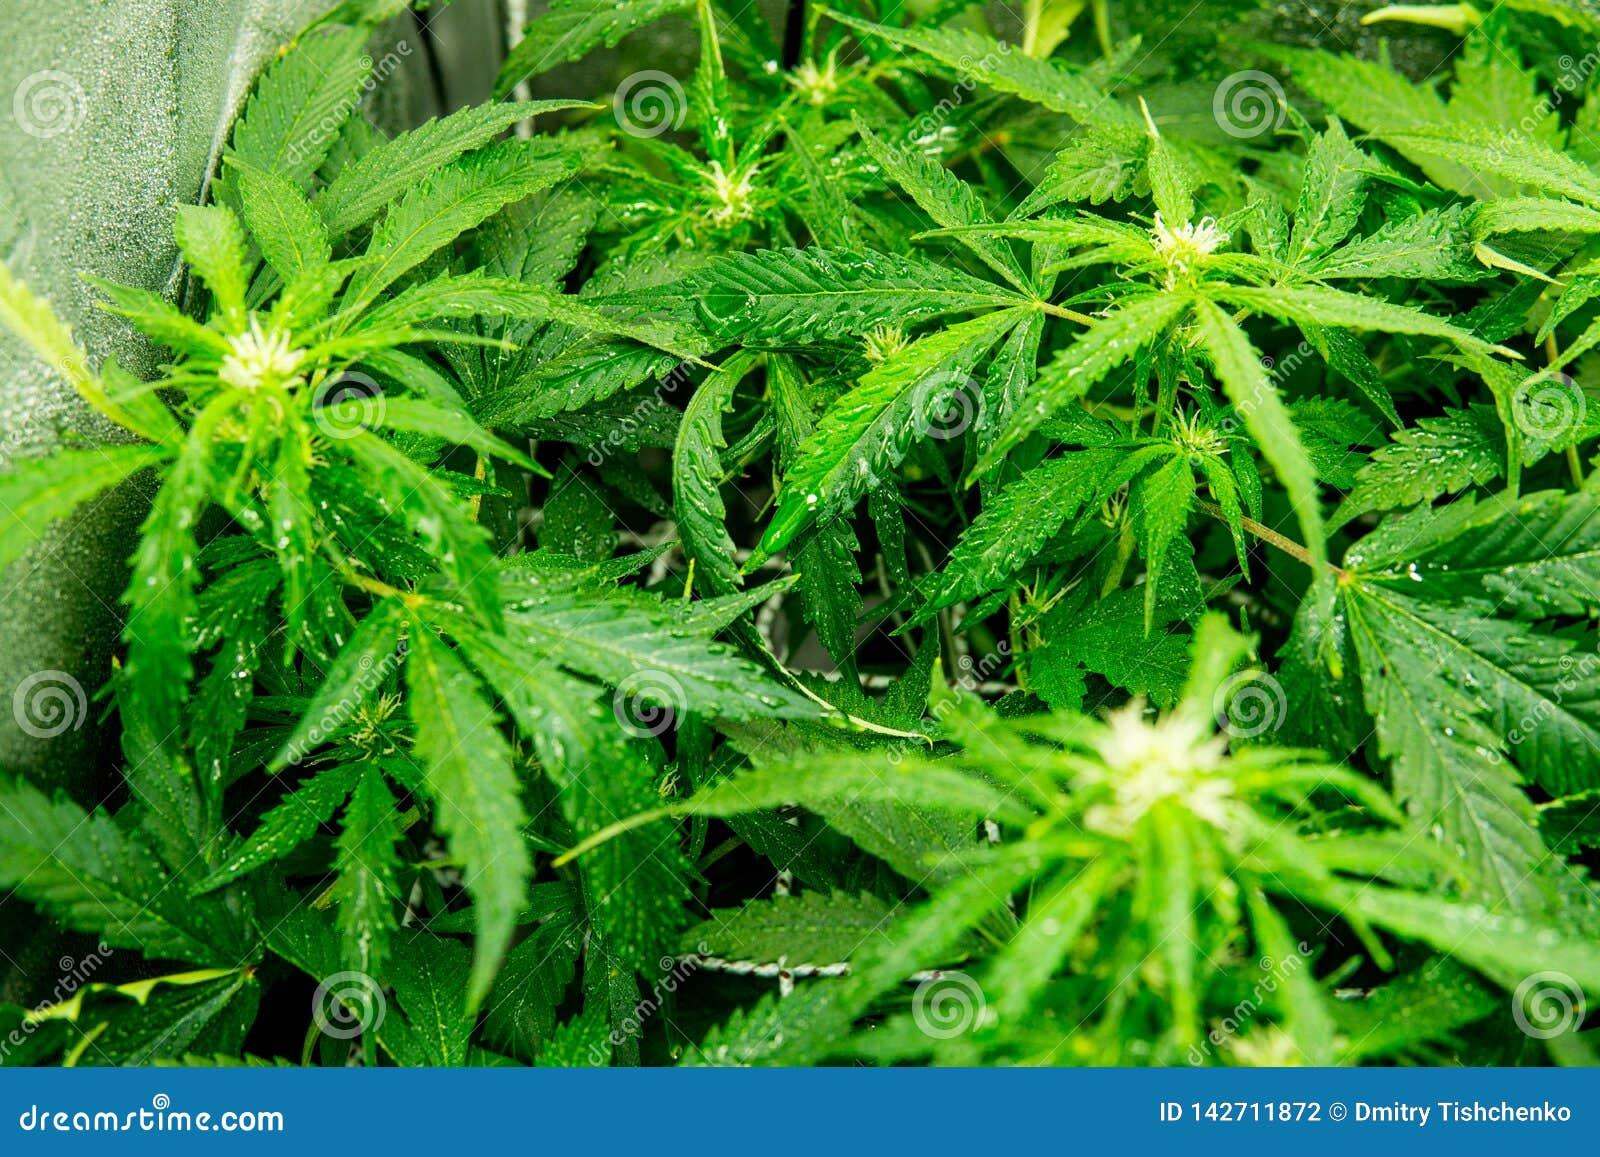 Выращивание марихуаны конопли скачать как растет конопля дома